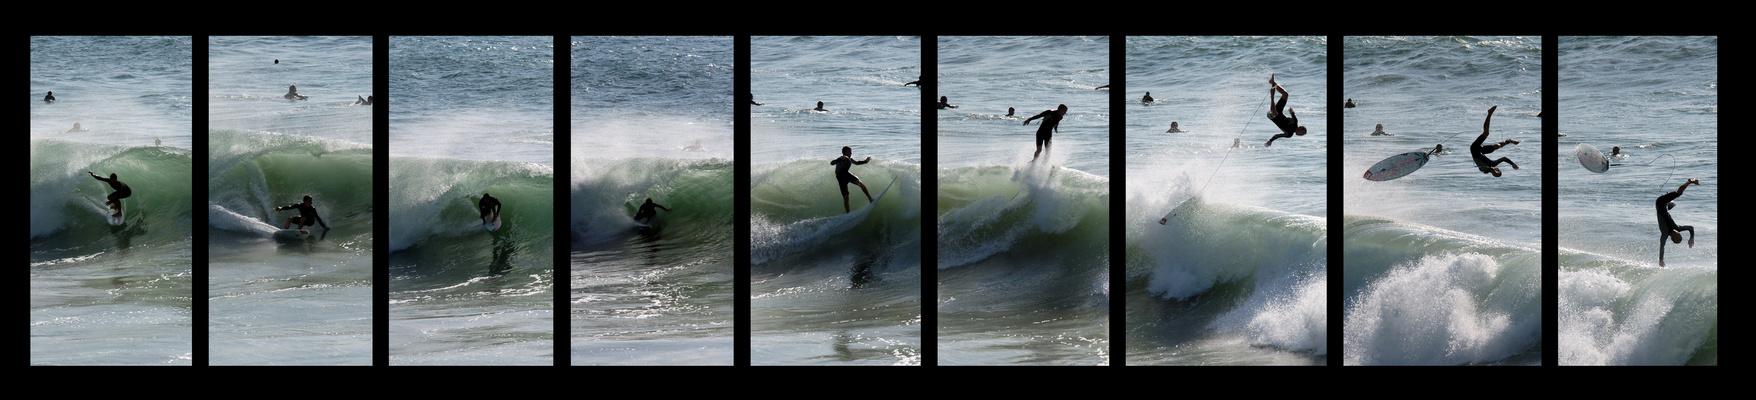 Surfer mit Abflug